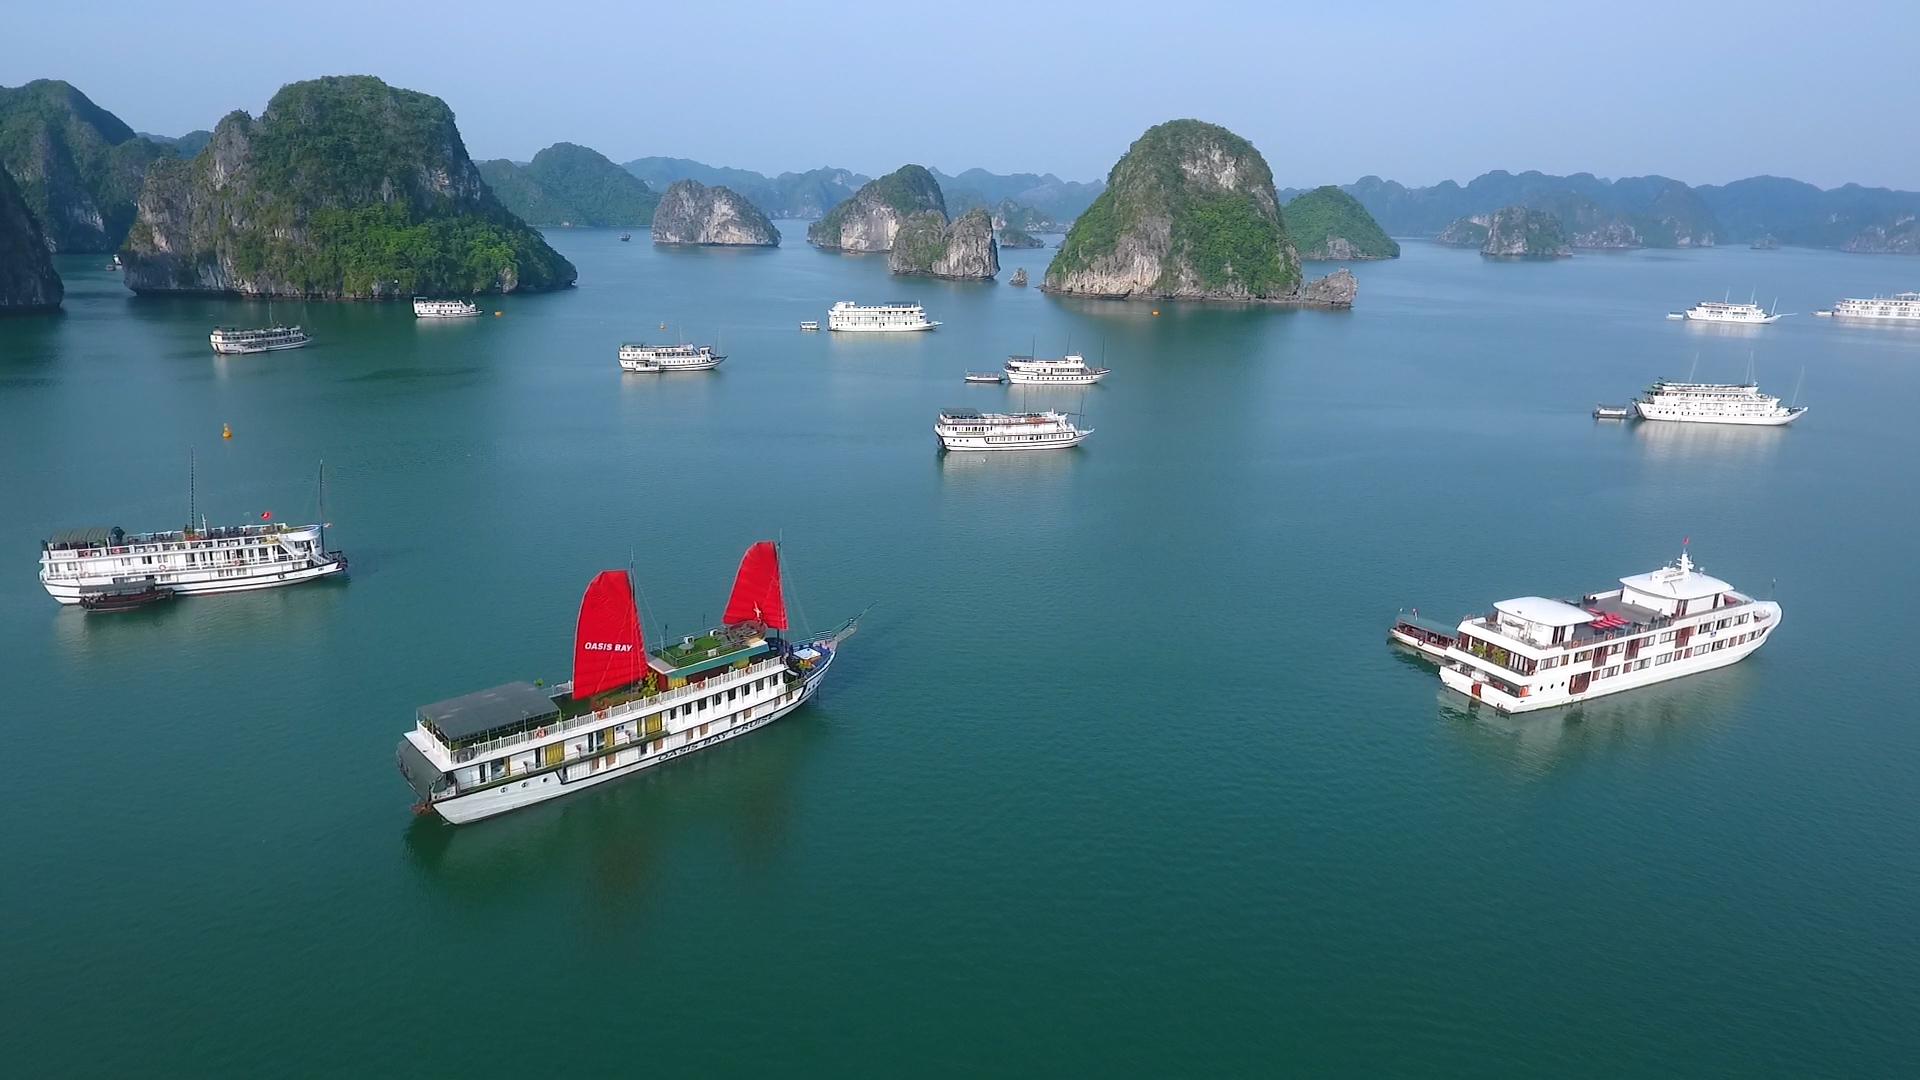 Quảng Ninh triển khai kích cầu du lịch trị giá 500 tỷ đồng  - Ảnh 1.